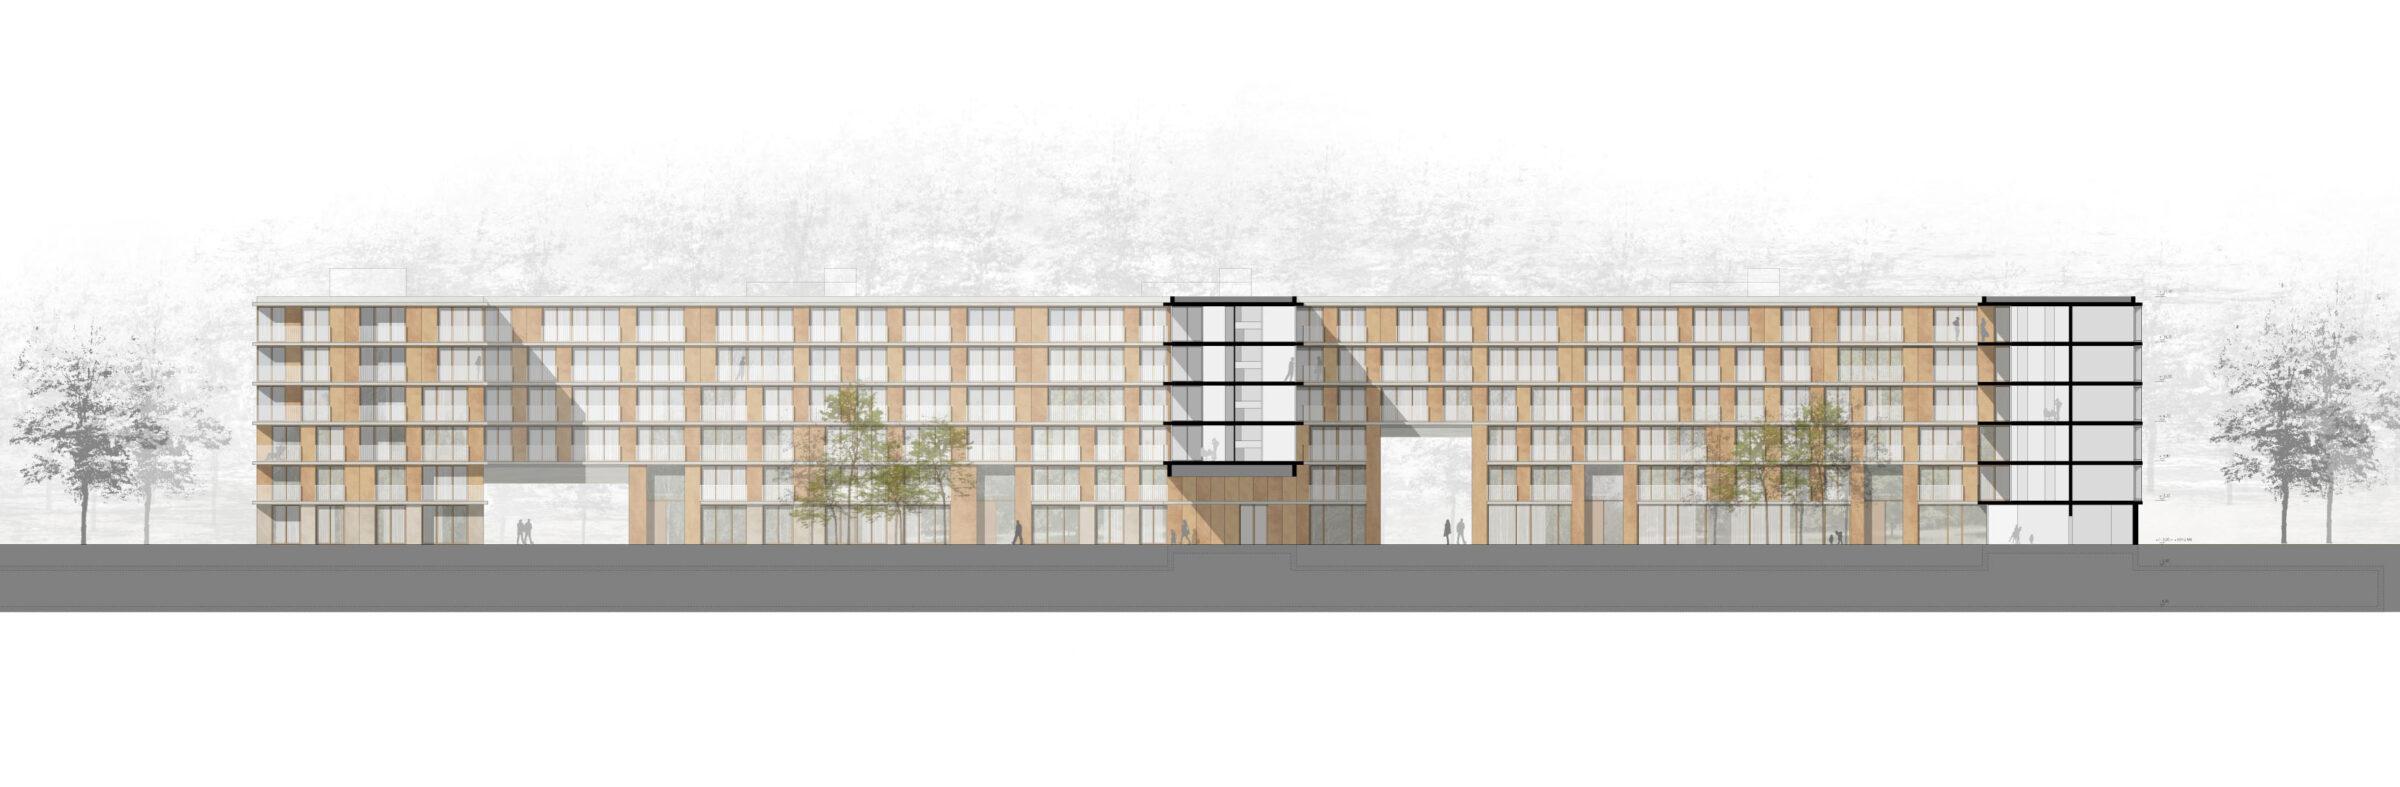 Städtebau München Wohnungsbau dreisterneplus Ansicht